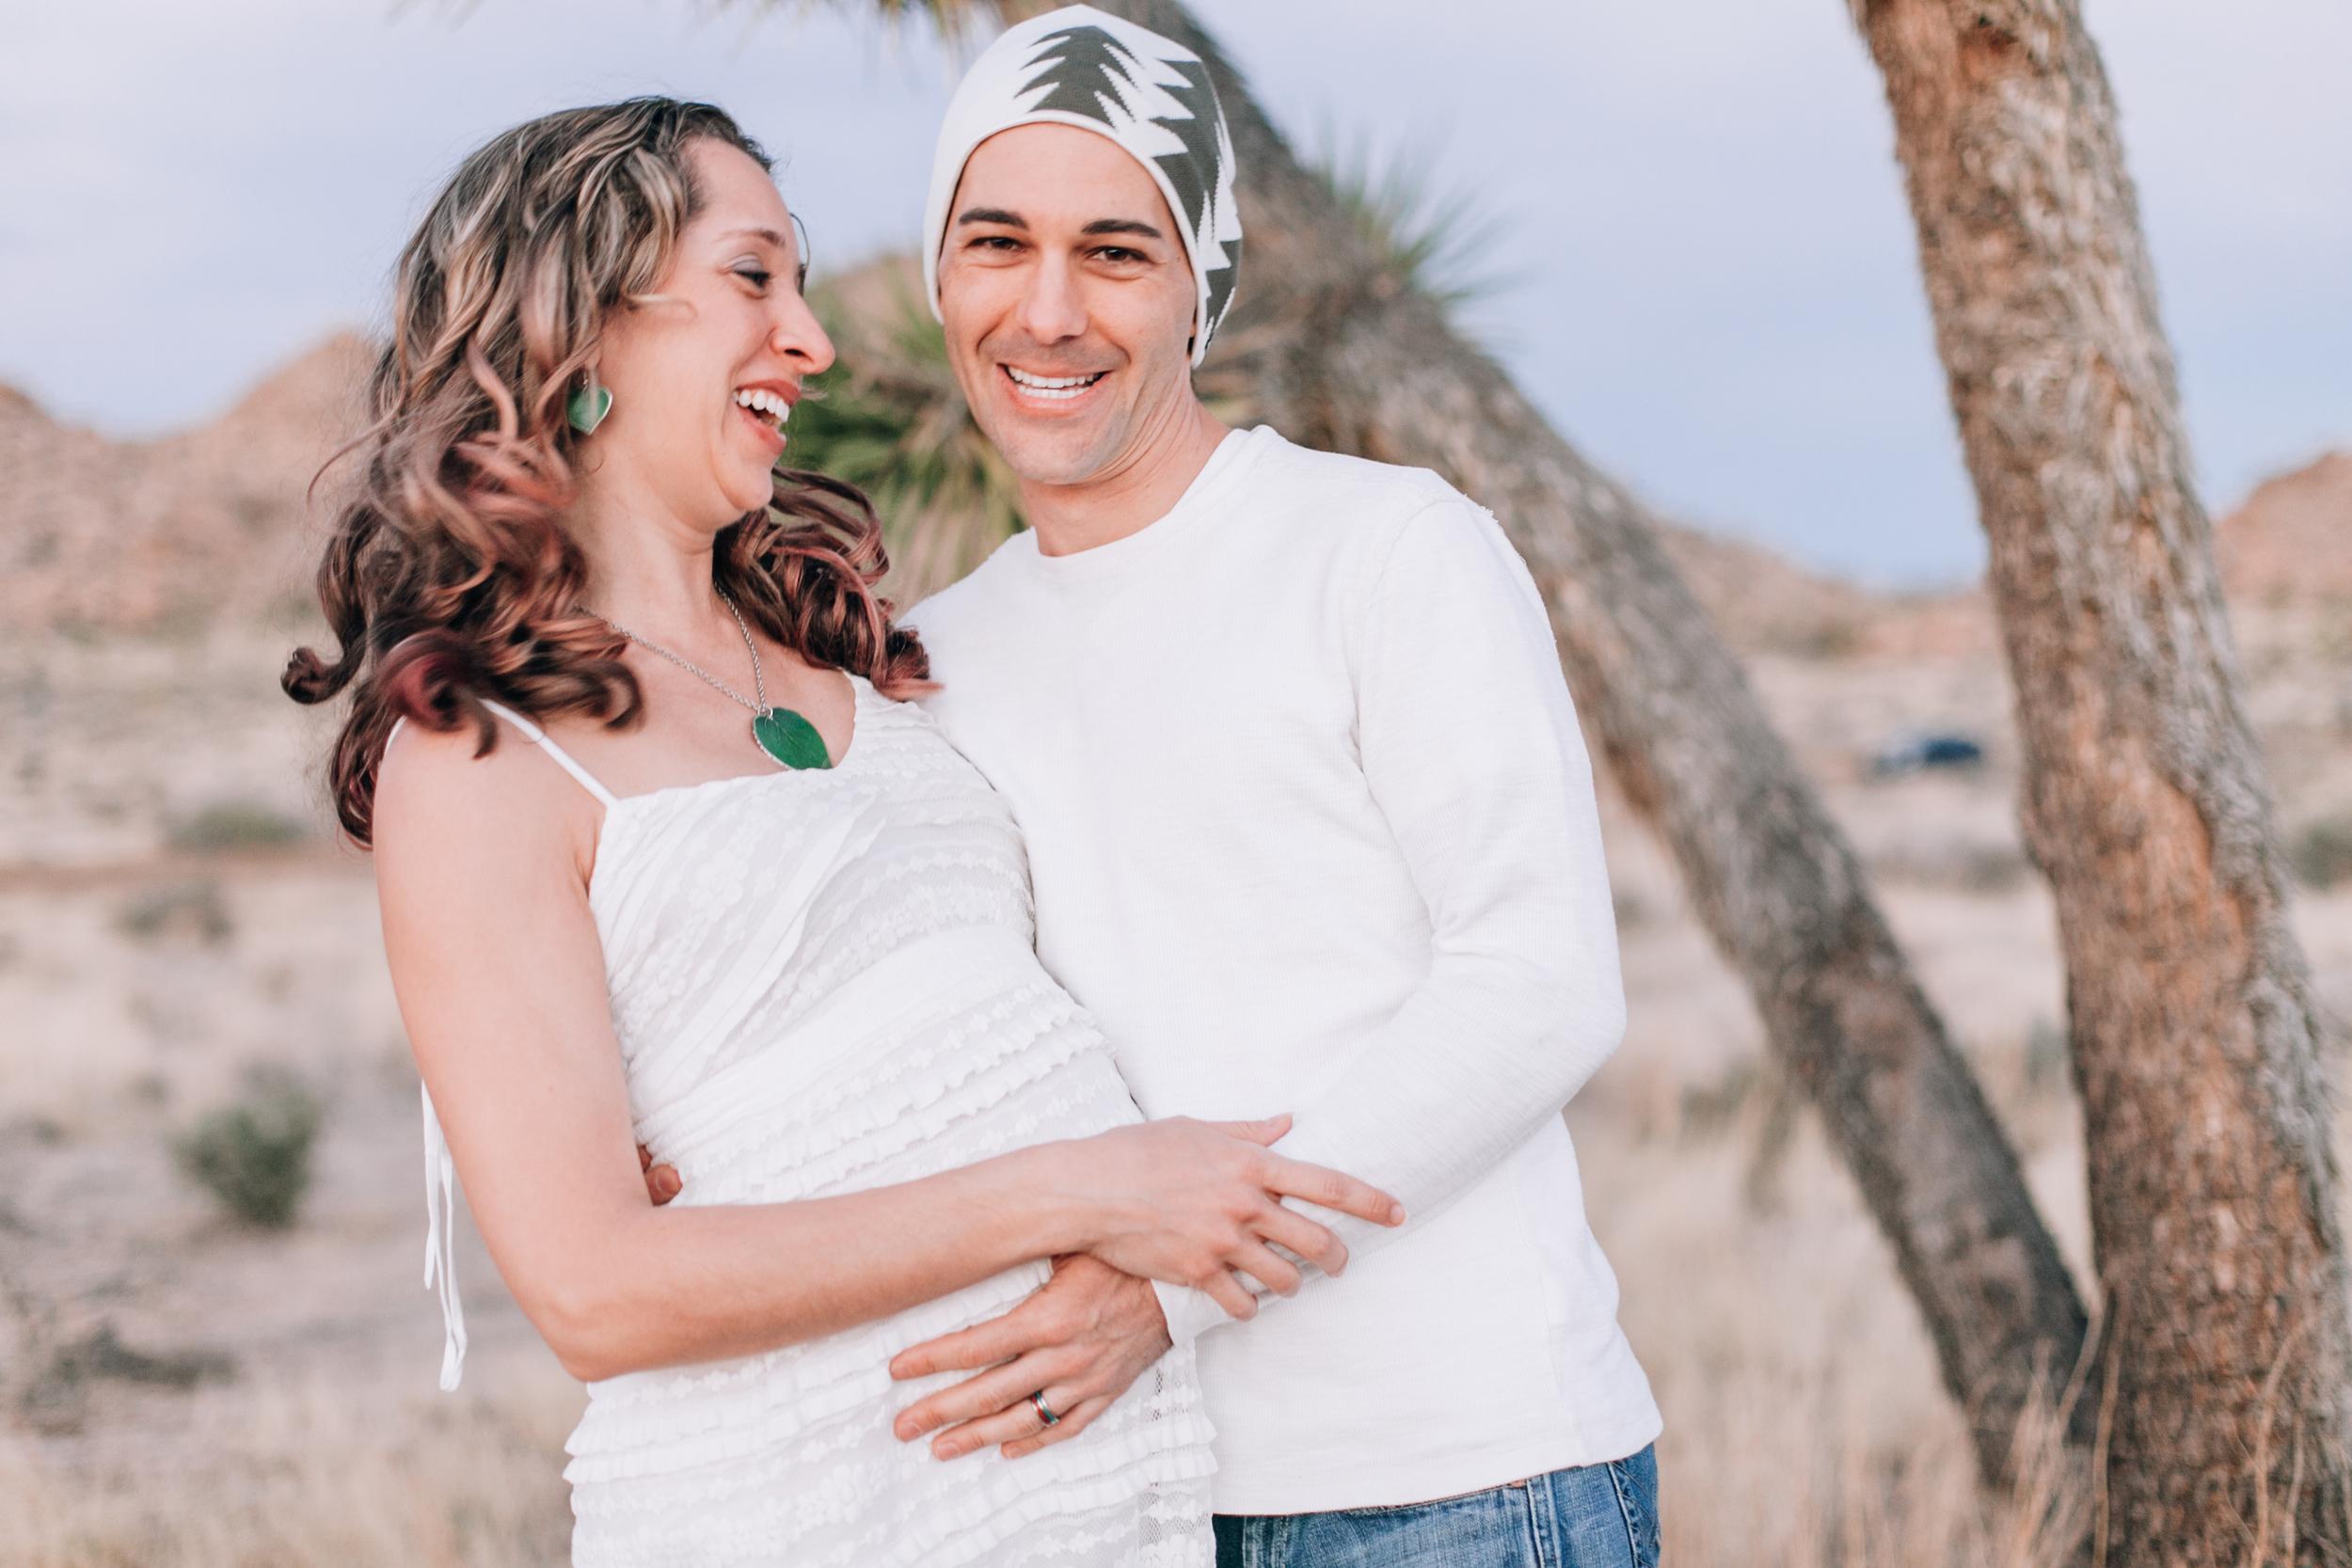 KaraNixonWeddings-JoshuaTree-Maternity-8.jpg